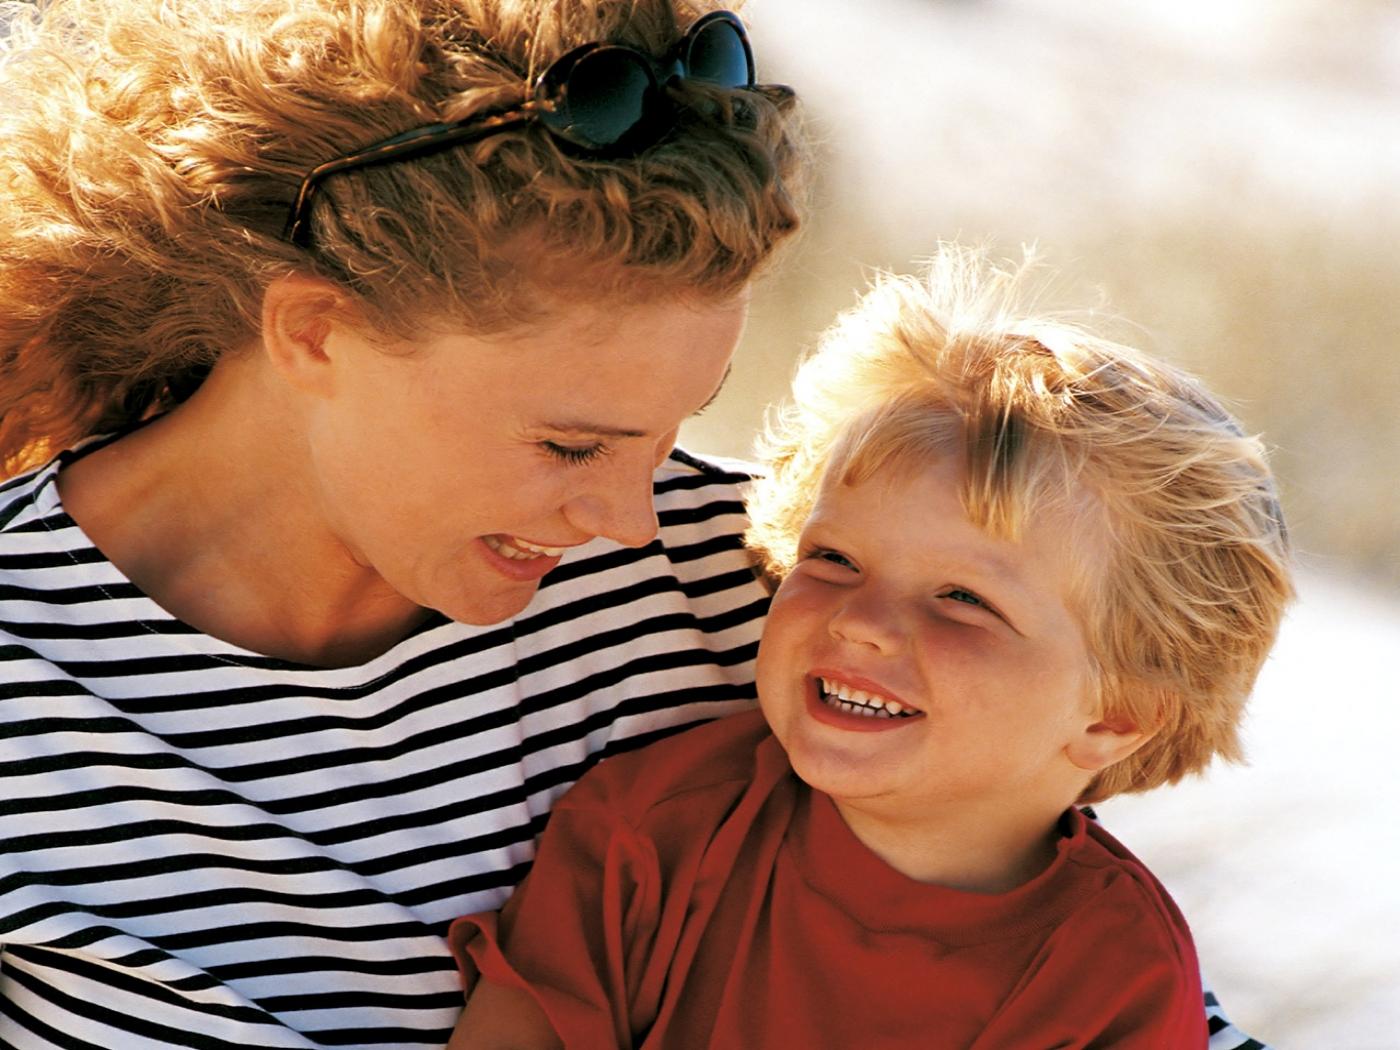 Комплимент ребенку мальчику фото